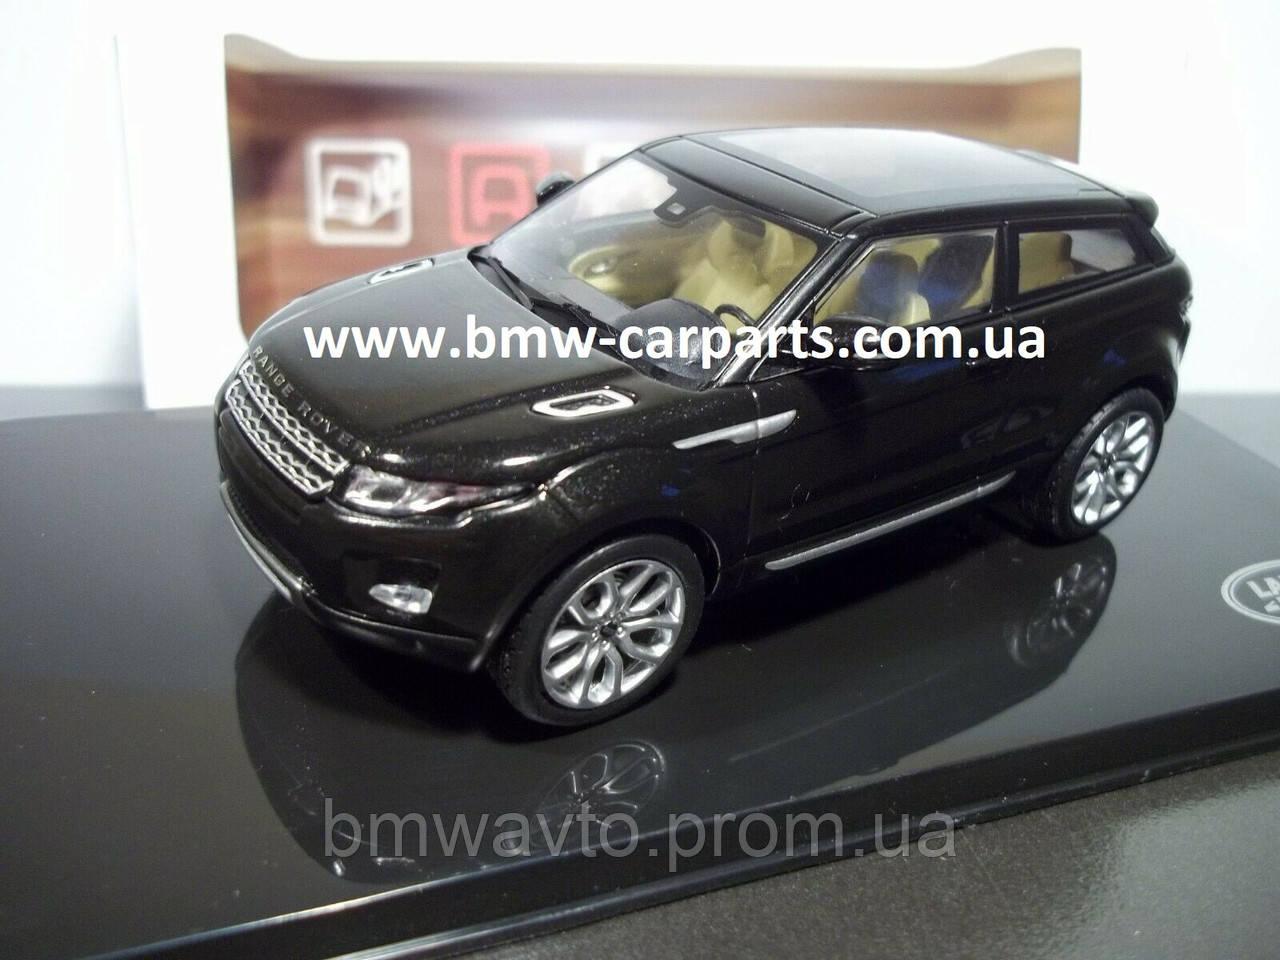 Модель автомобиля Range Rover Evoque 5 Door, Scale 1:43, Santorini Black